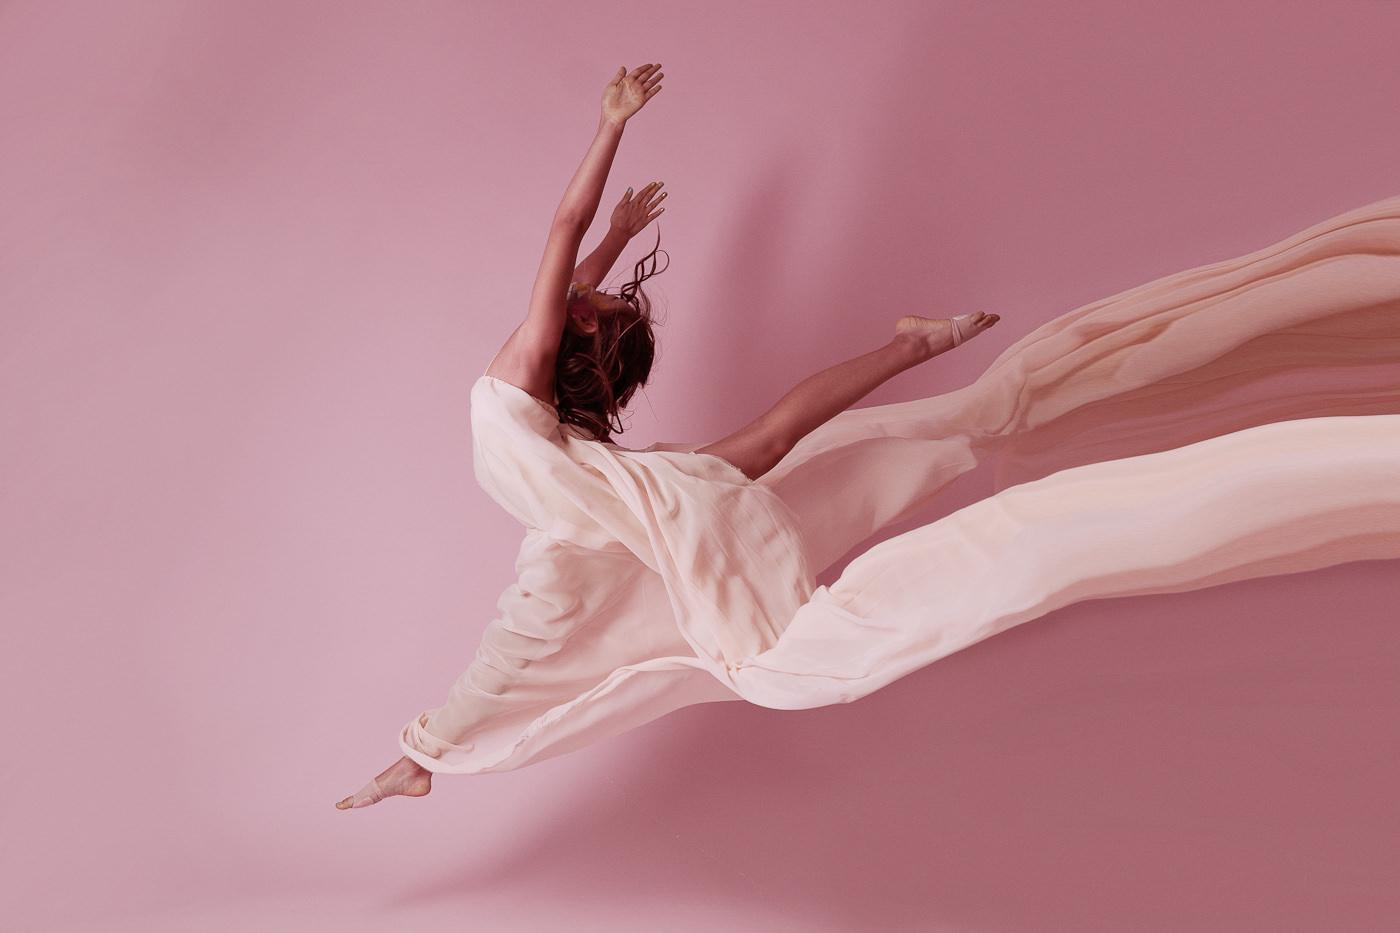 modern dance photography